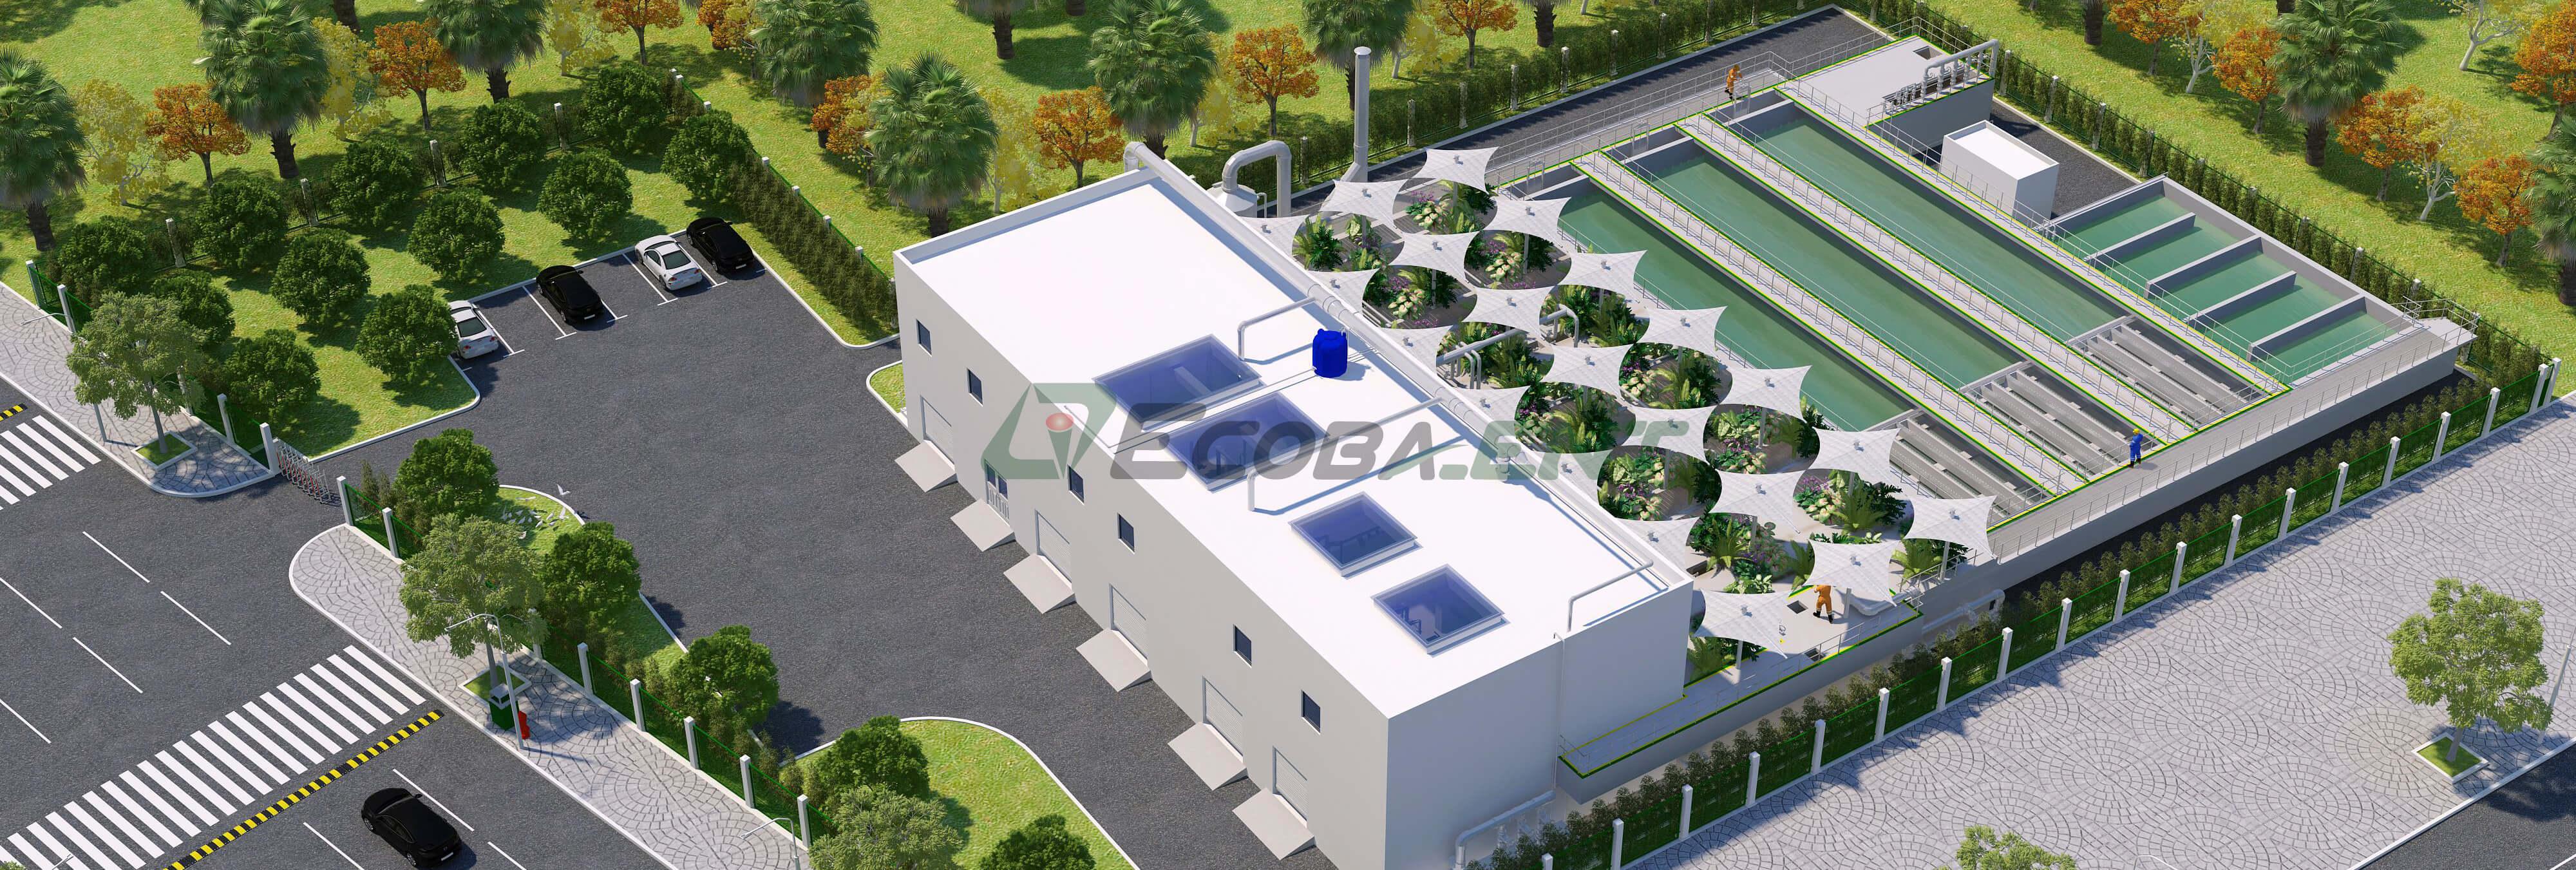 Nhà máy xử lý nước thải Vinhomes Smart City - CS 10.800 m3/ngày đêm